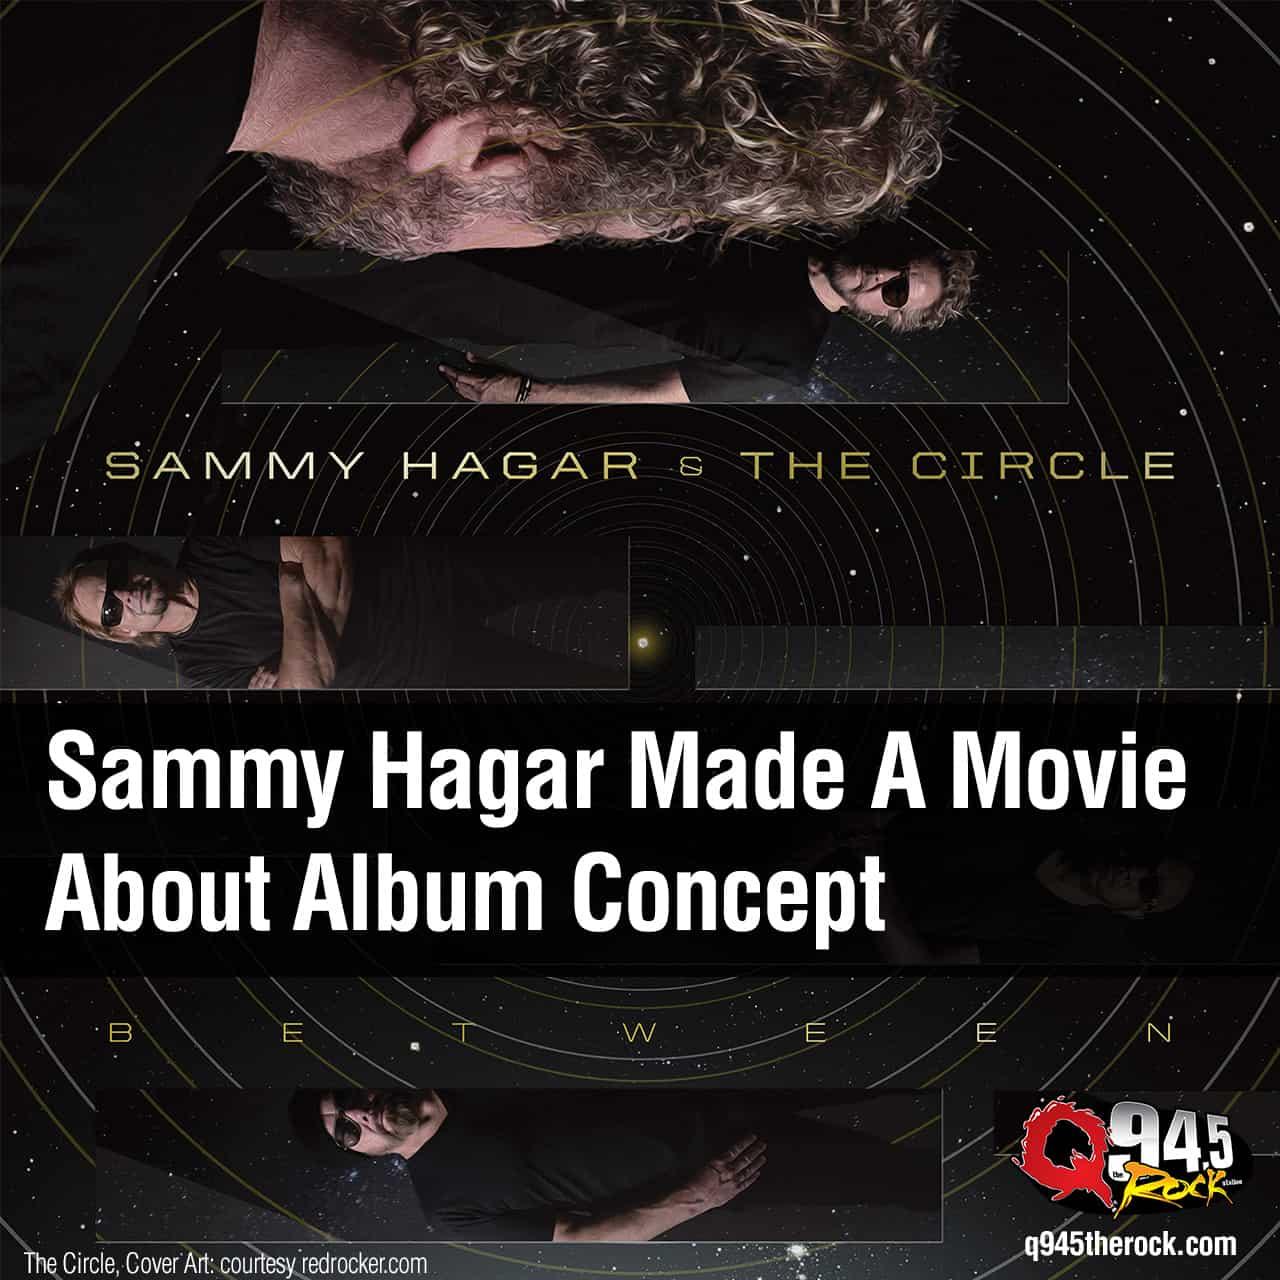 Sammy Hagar Made A Movie About Album Concept